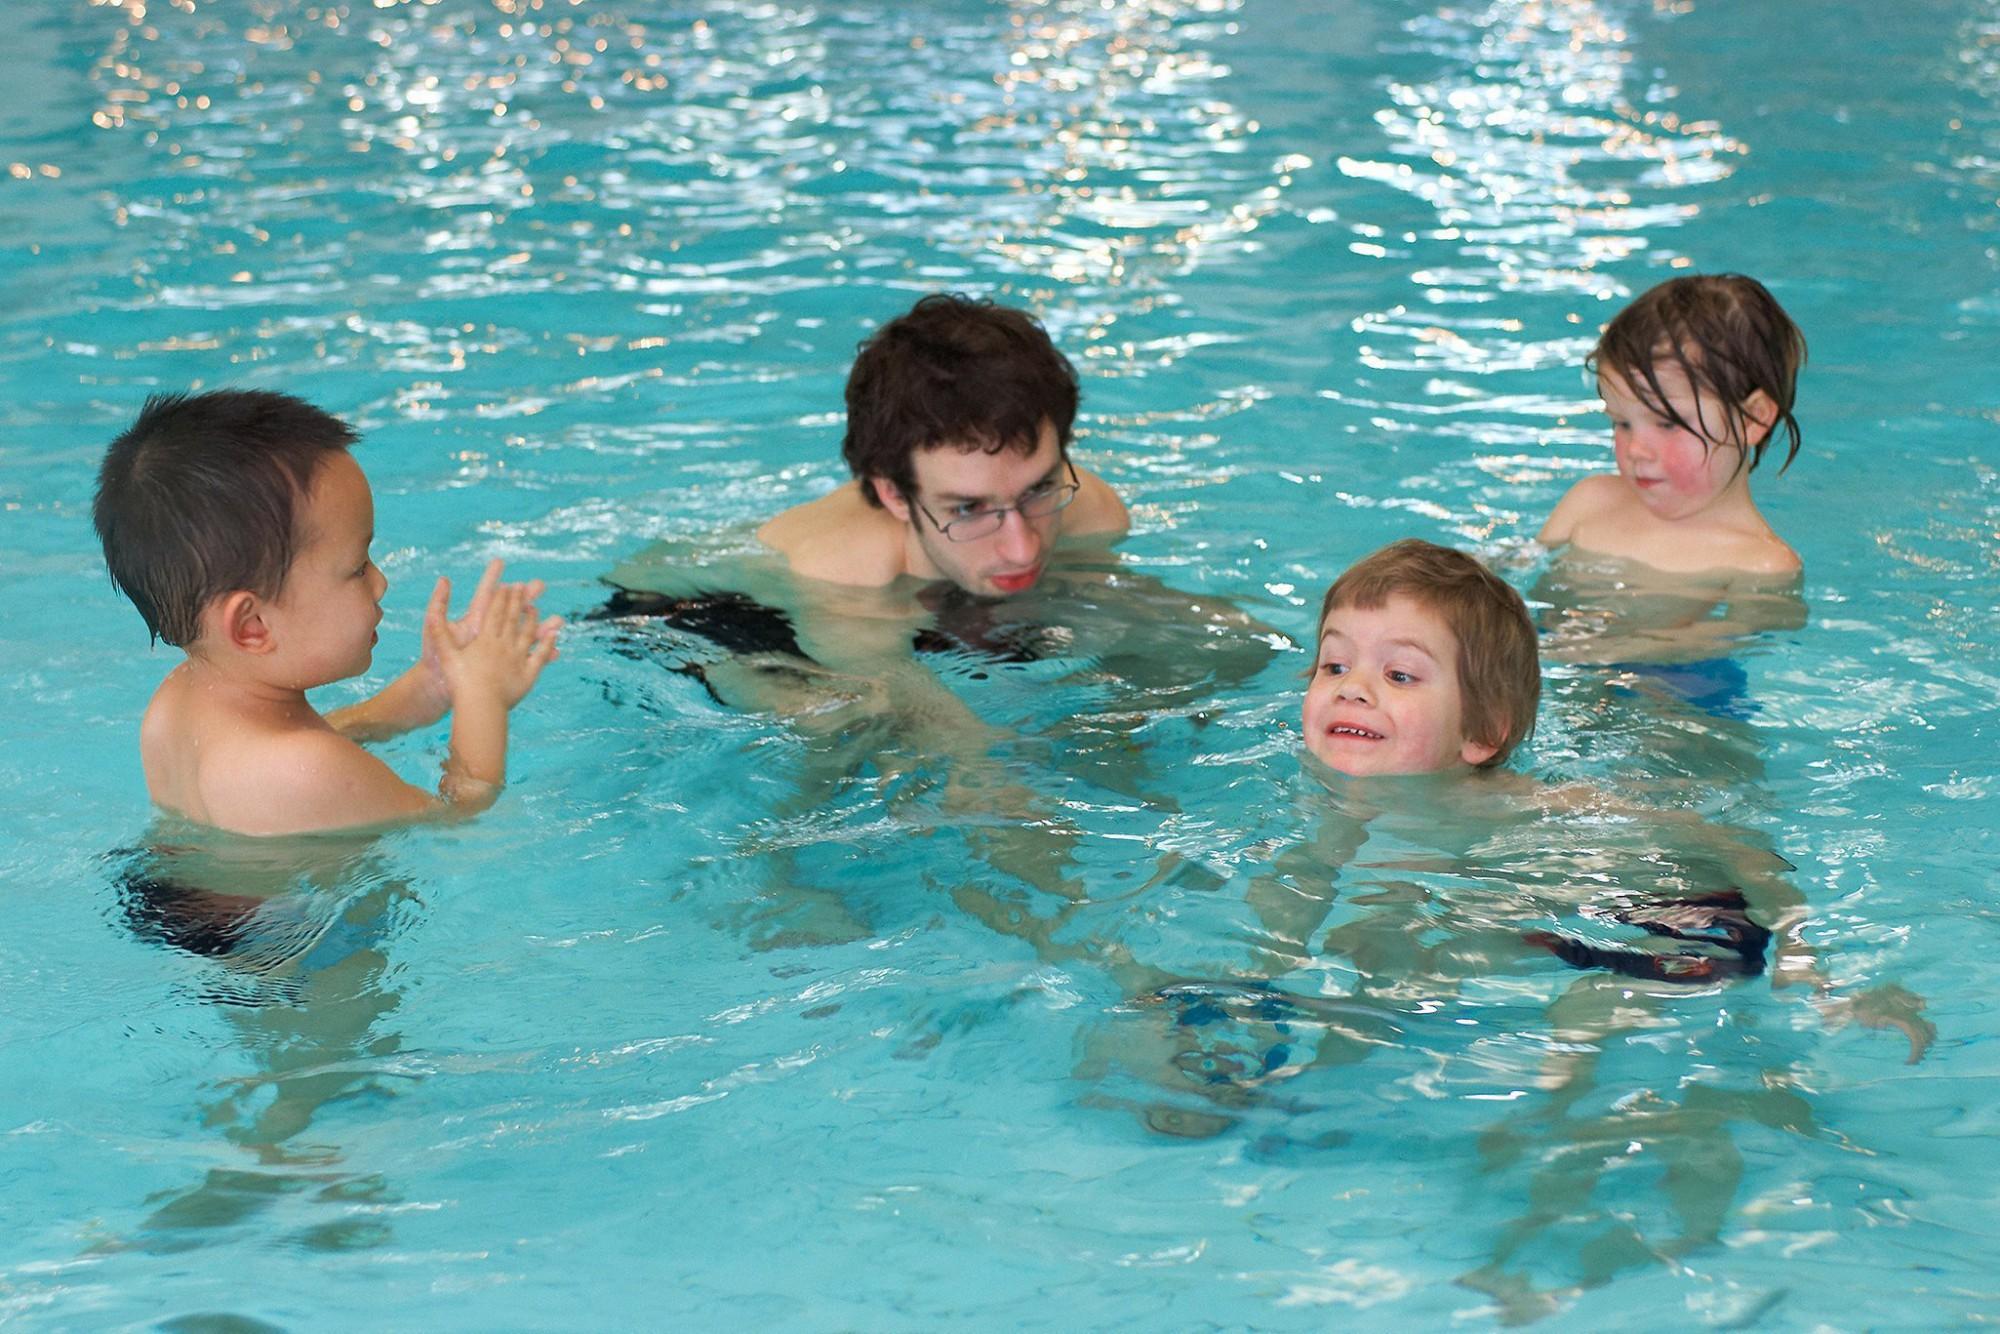 Afbeelding: Bedrijfsreportage fotografie voor Sportoase, zwembad Leuven.